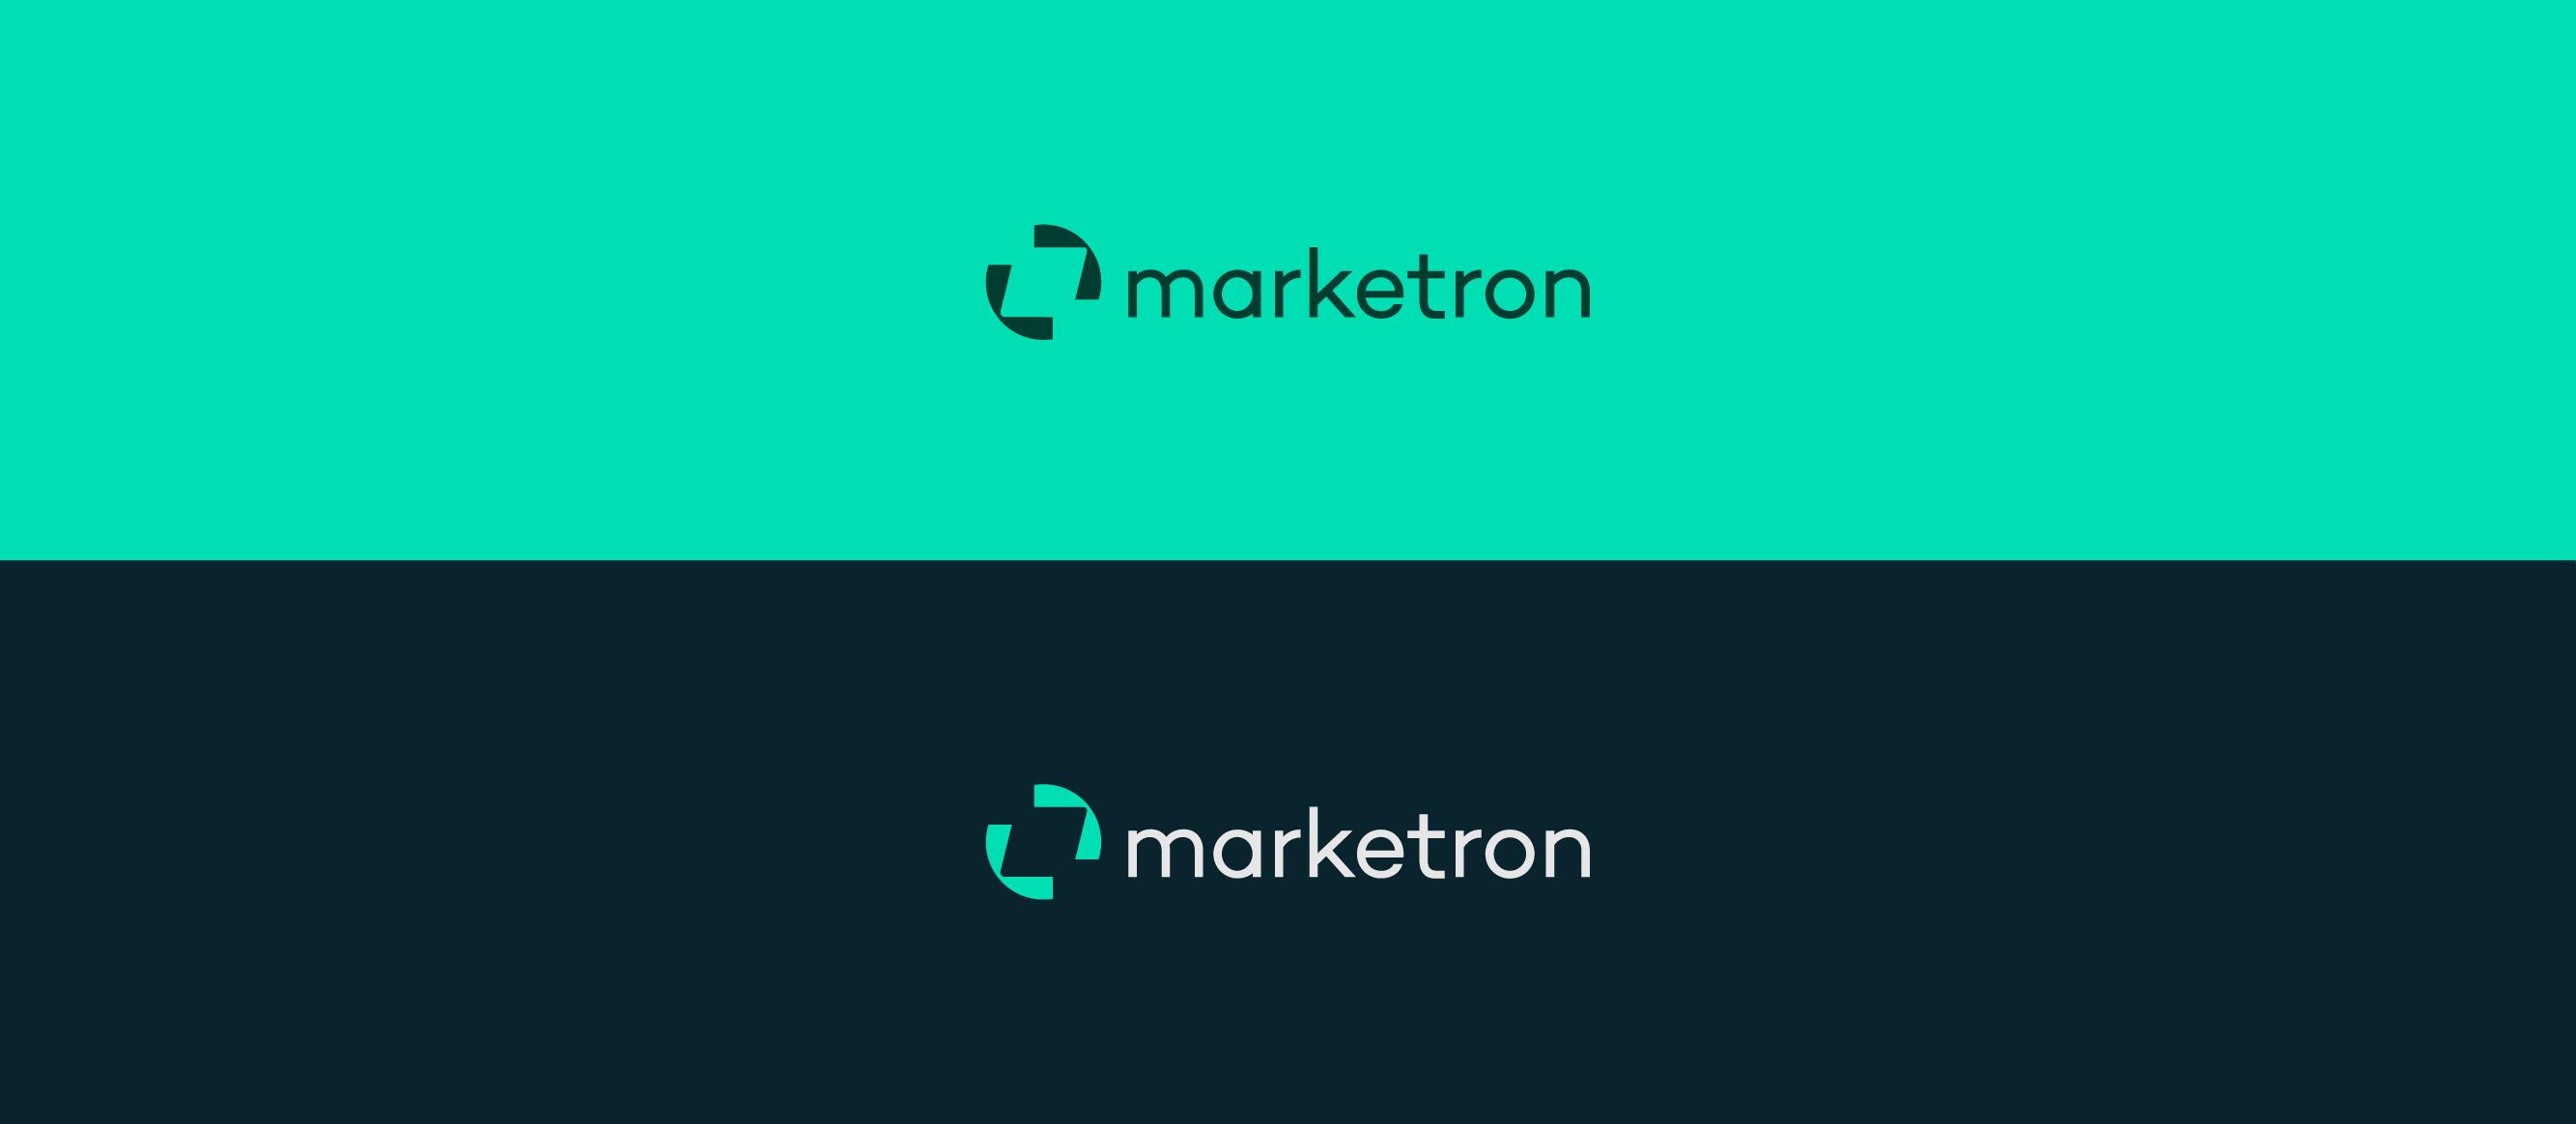 marketron-logo-colors-07